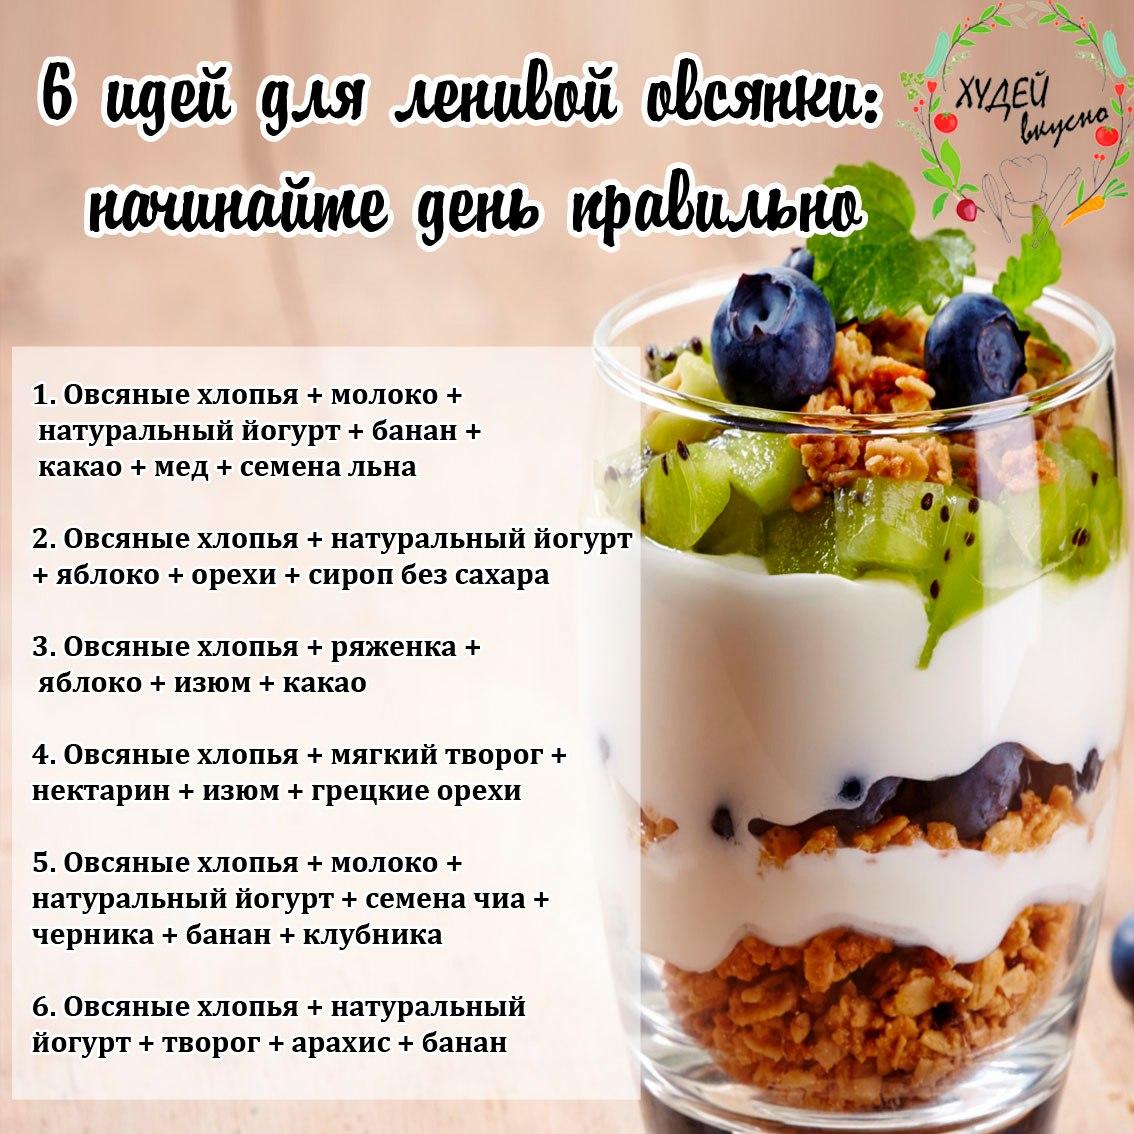 Рецепты Для Похудения В Домашних. Рецепты ПП на каждый день для похудения, простые и вкусные, с калорийностью блюд, меню из простых продуктов